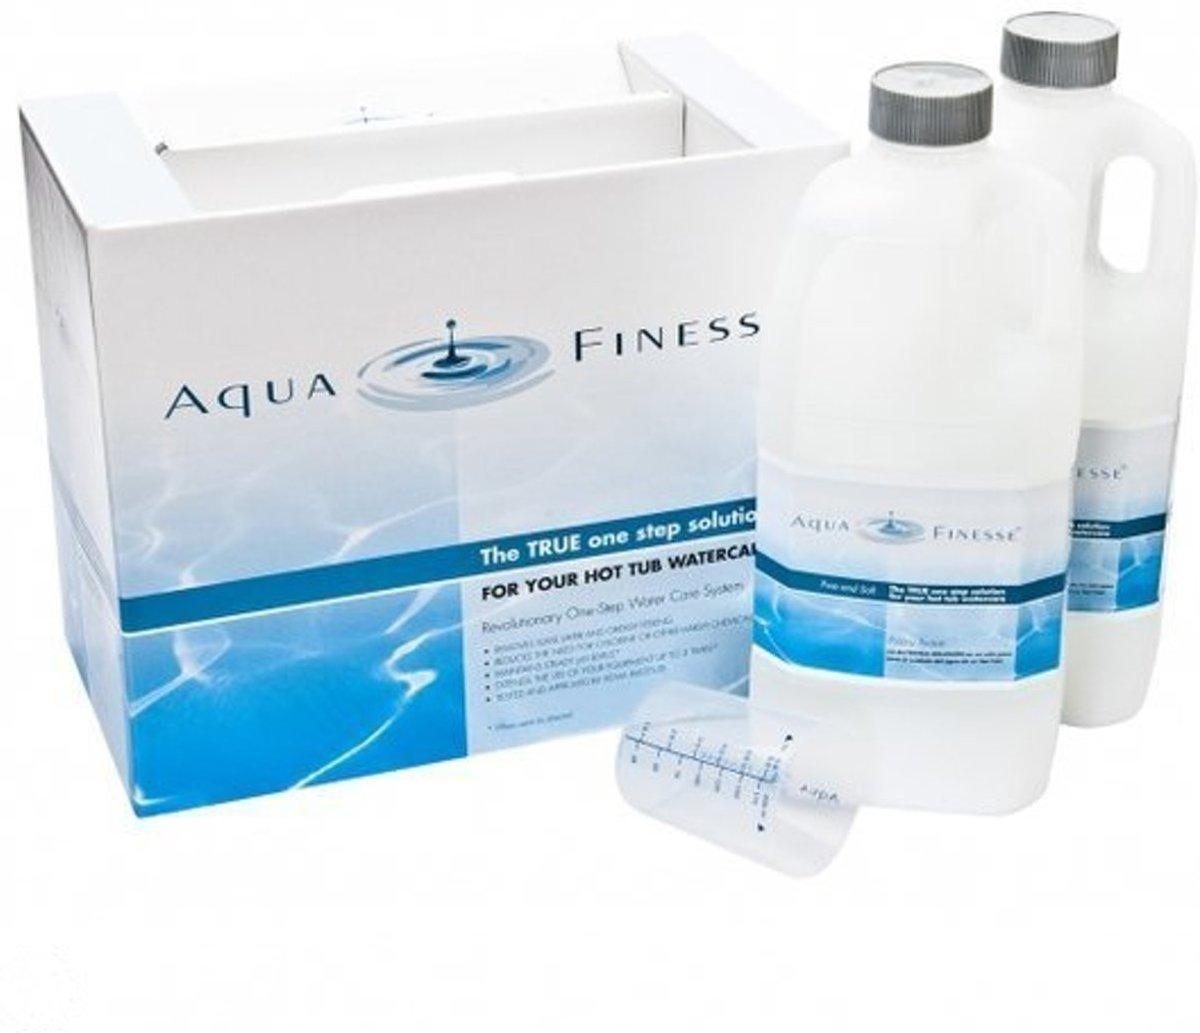 Aquafinesse Spa en Hottub waterbehandelingset met gratis drijvende bar + gratis verjaardagkaars